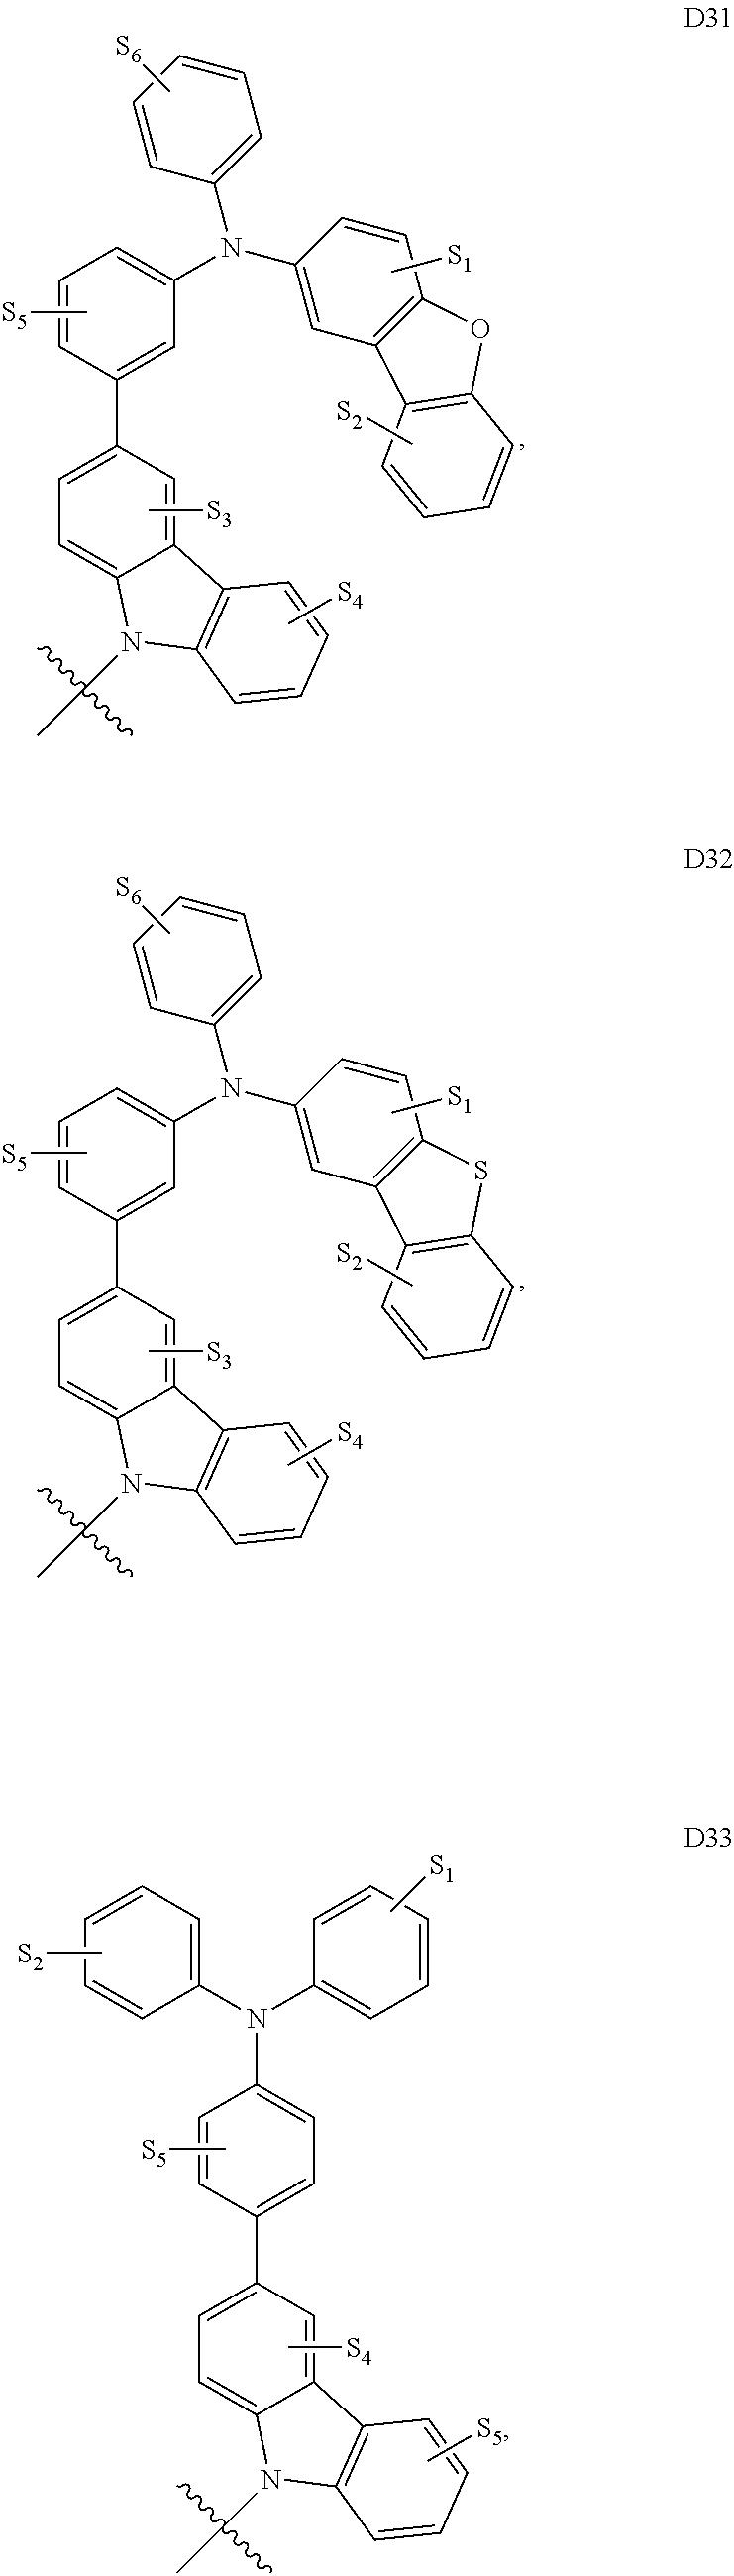 Figure US09324949-20160426-C00055